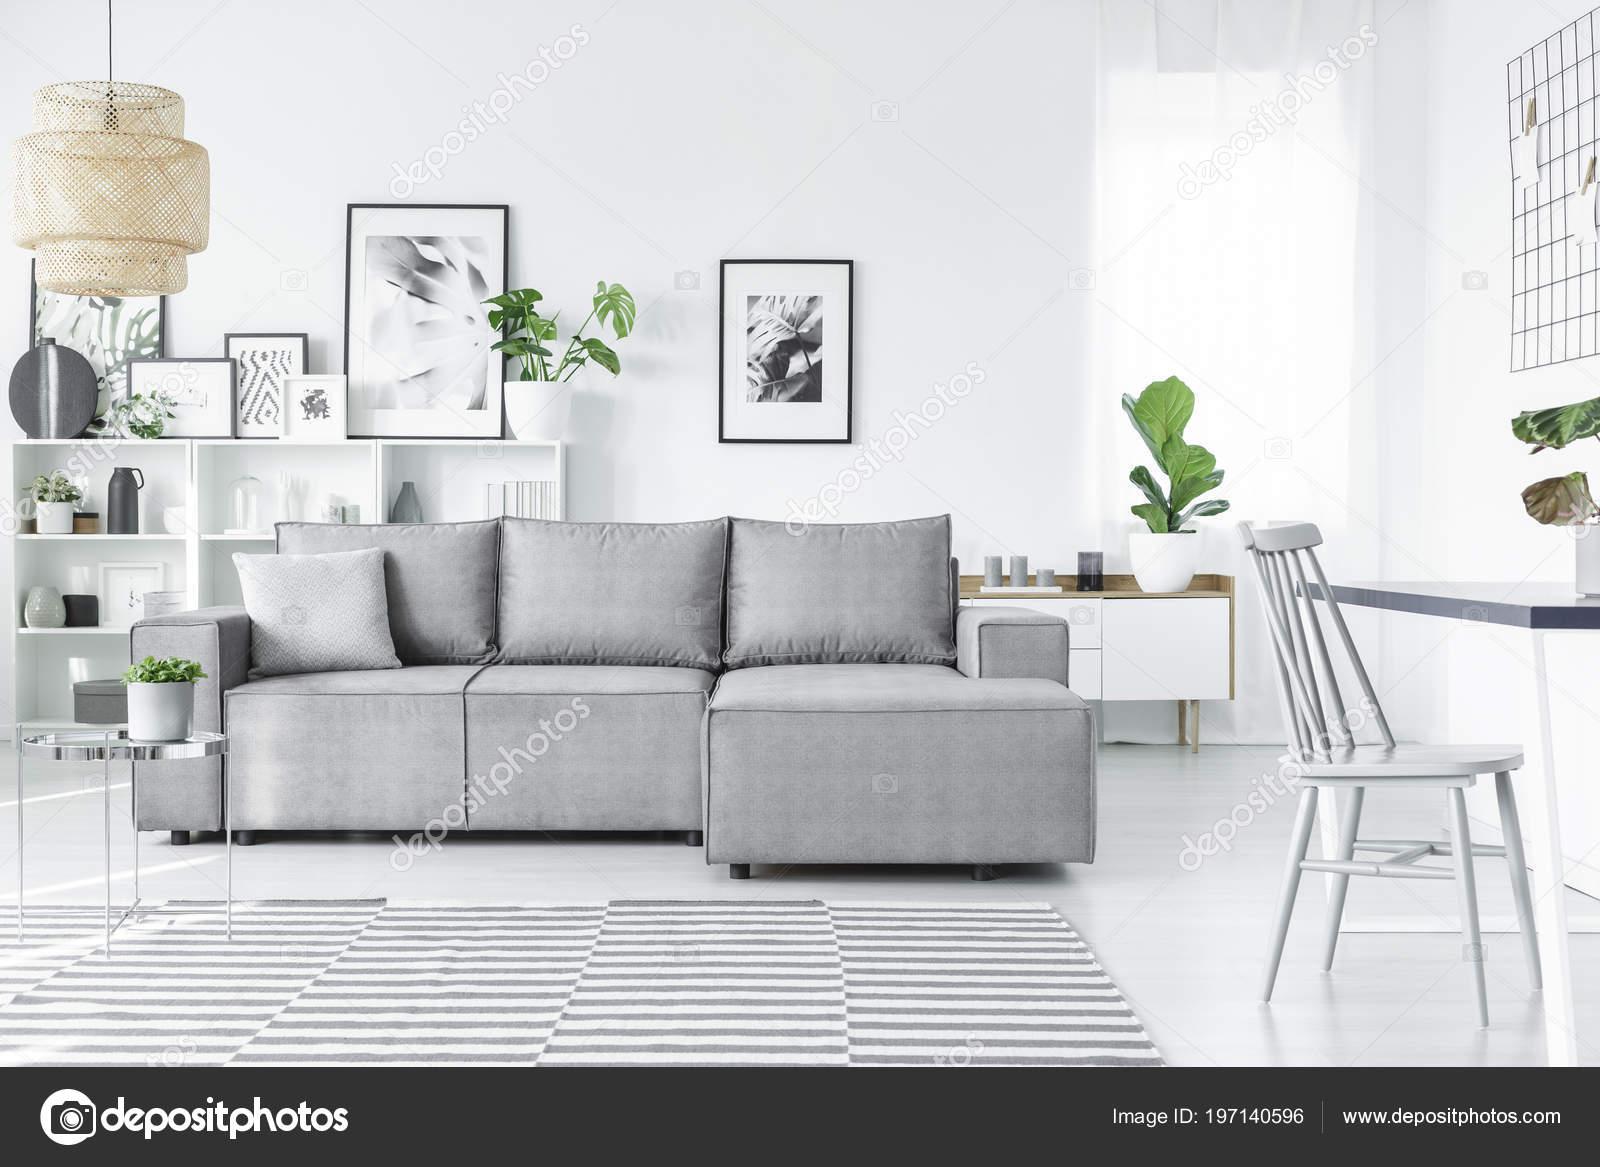 Skandynawski Salon Wnętrza Wygodne Sofy Obrazy Rośliny Paski Dywan